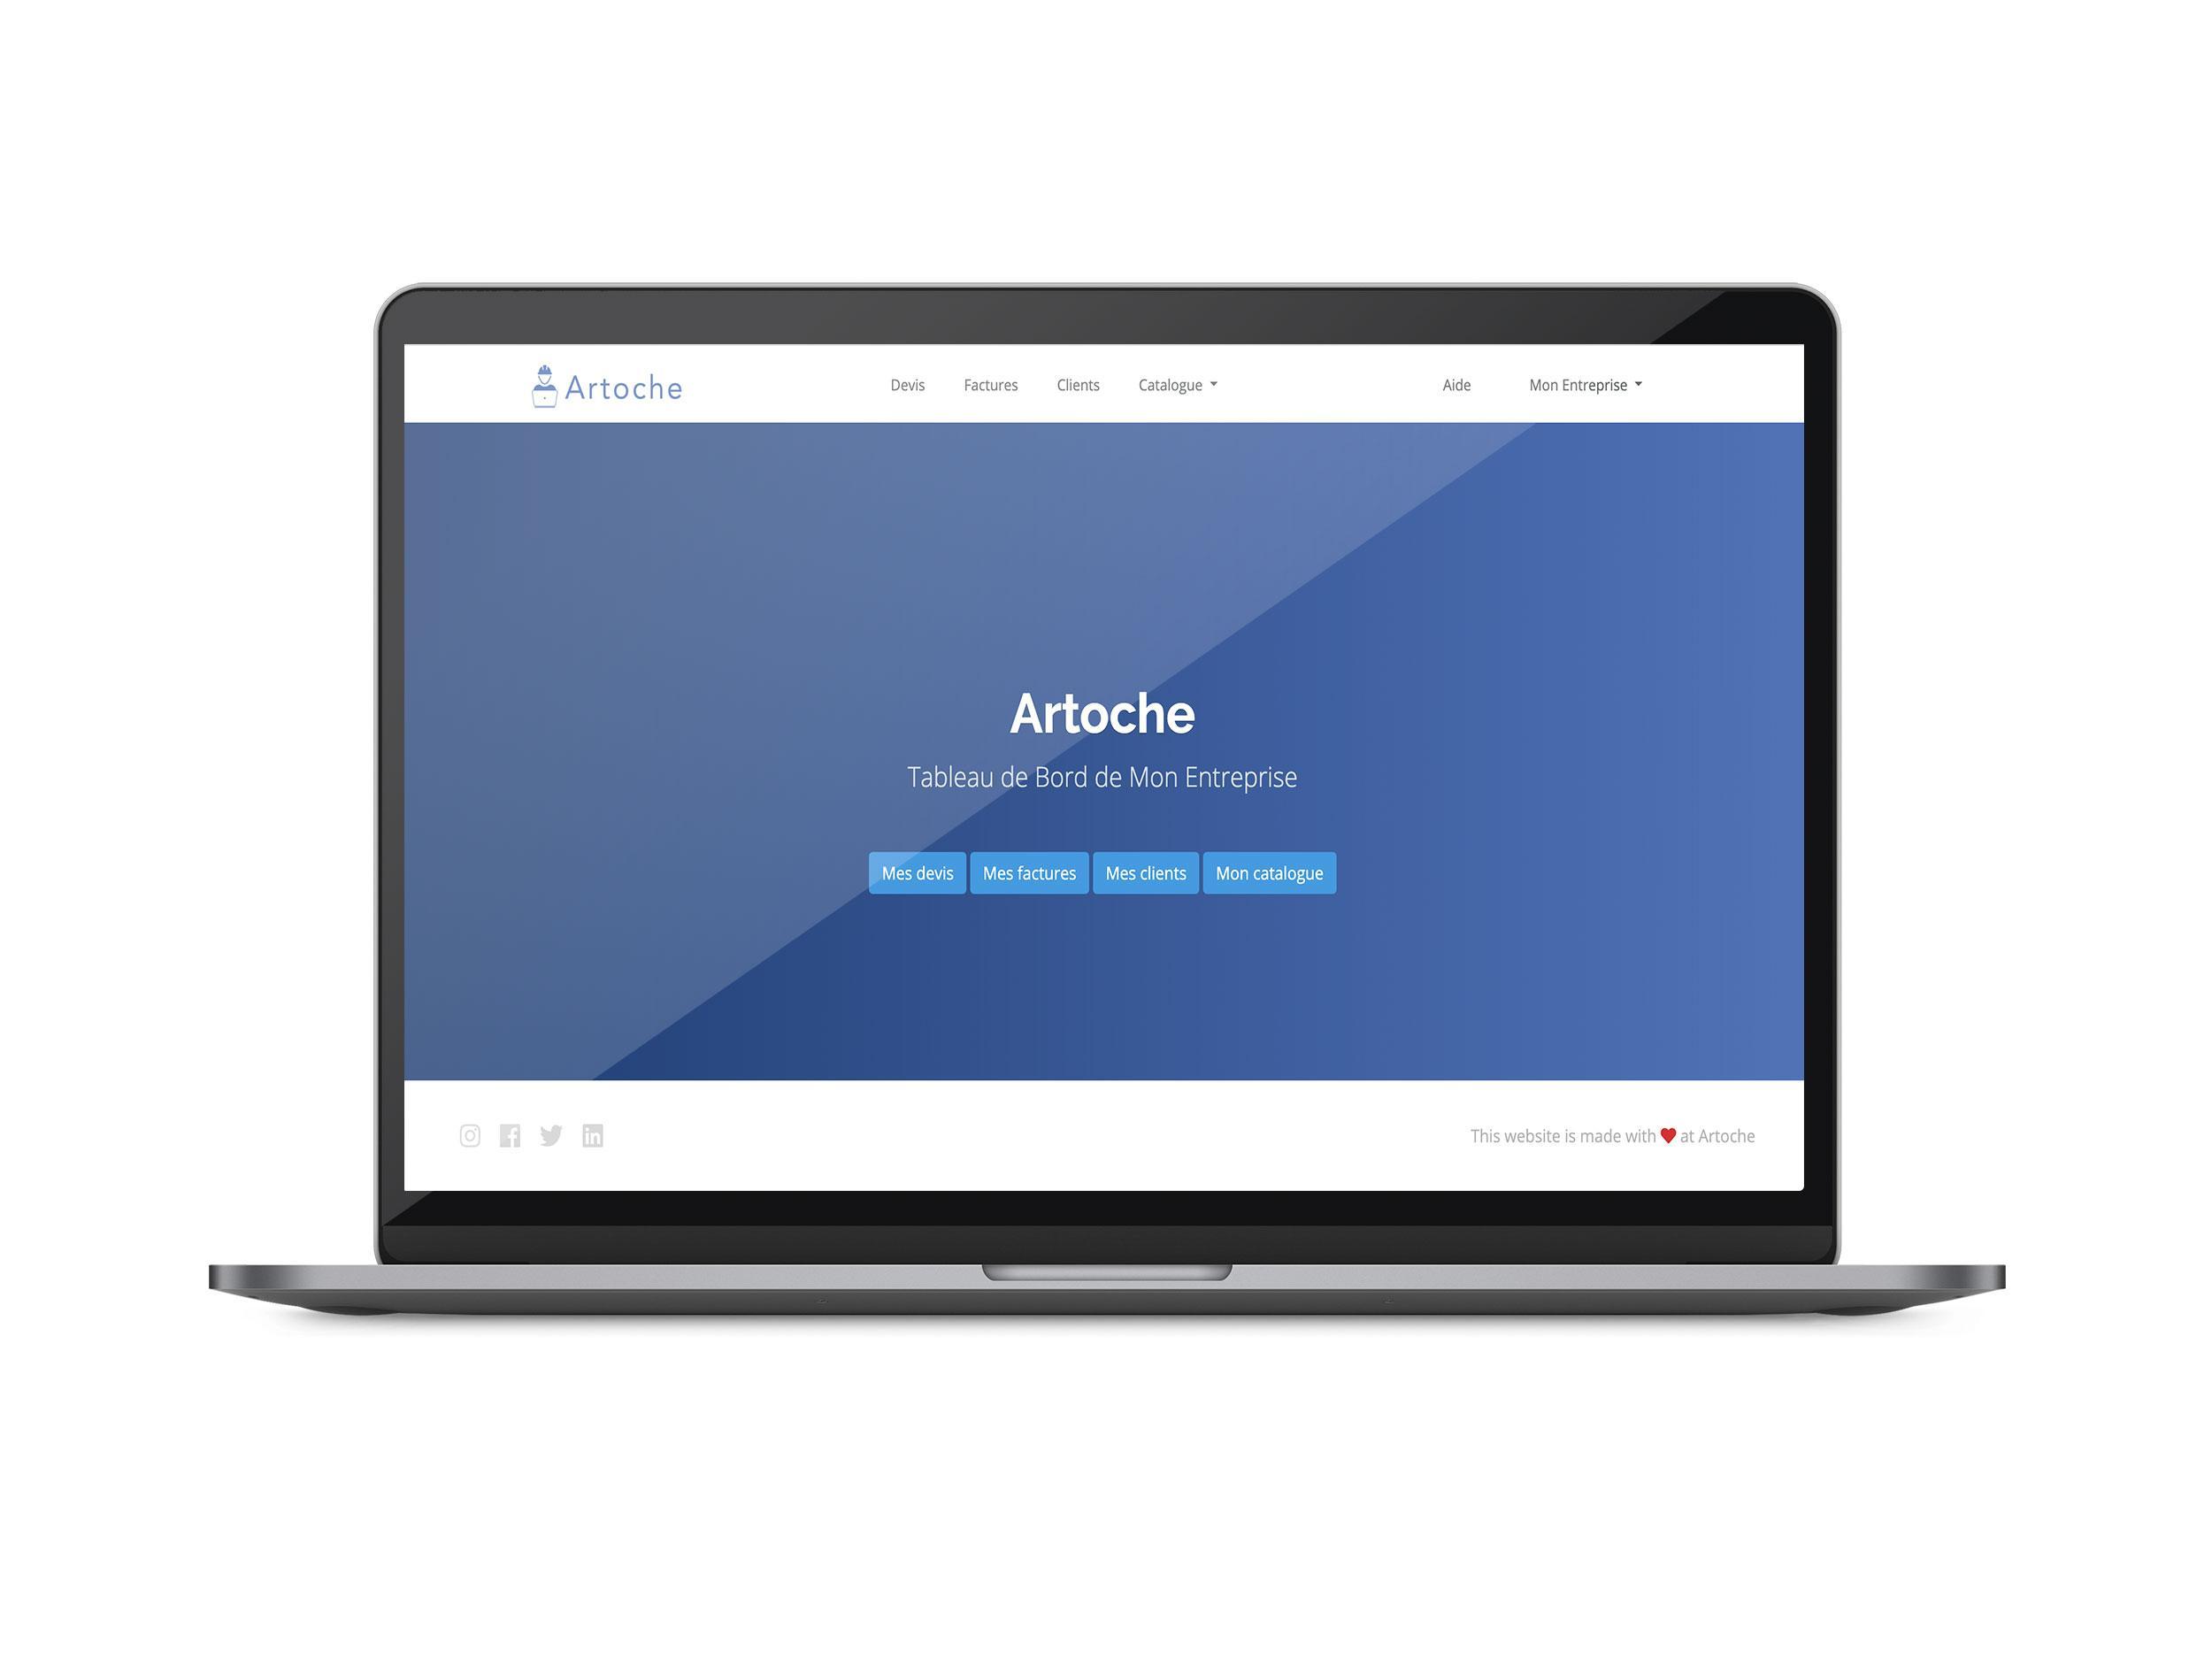 Artoche-Artoche-macbook